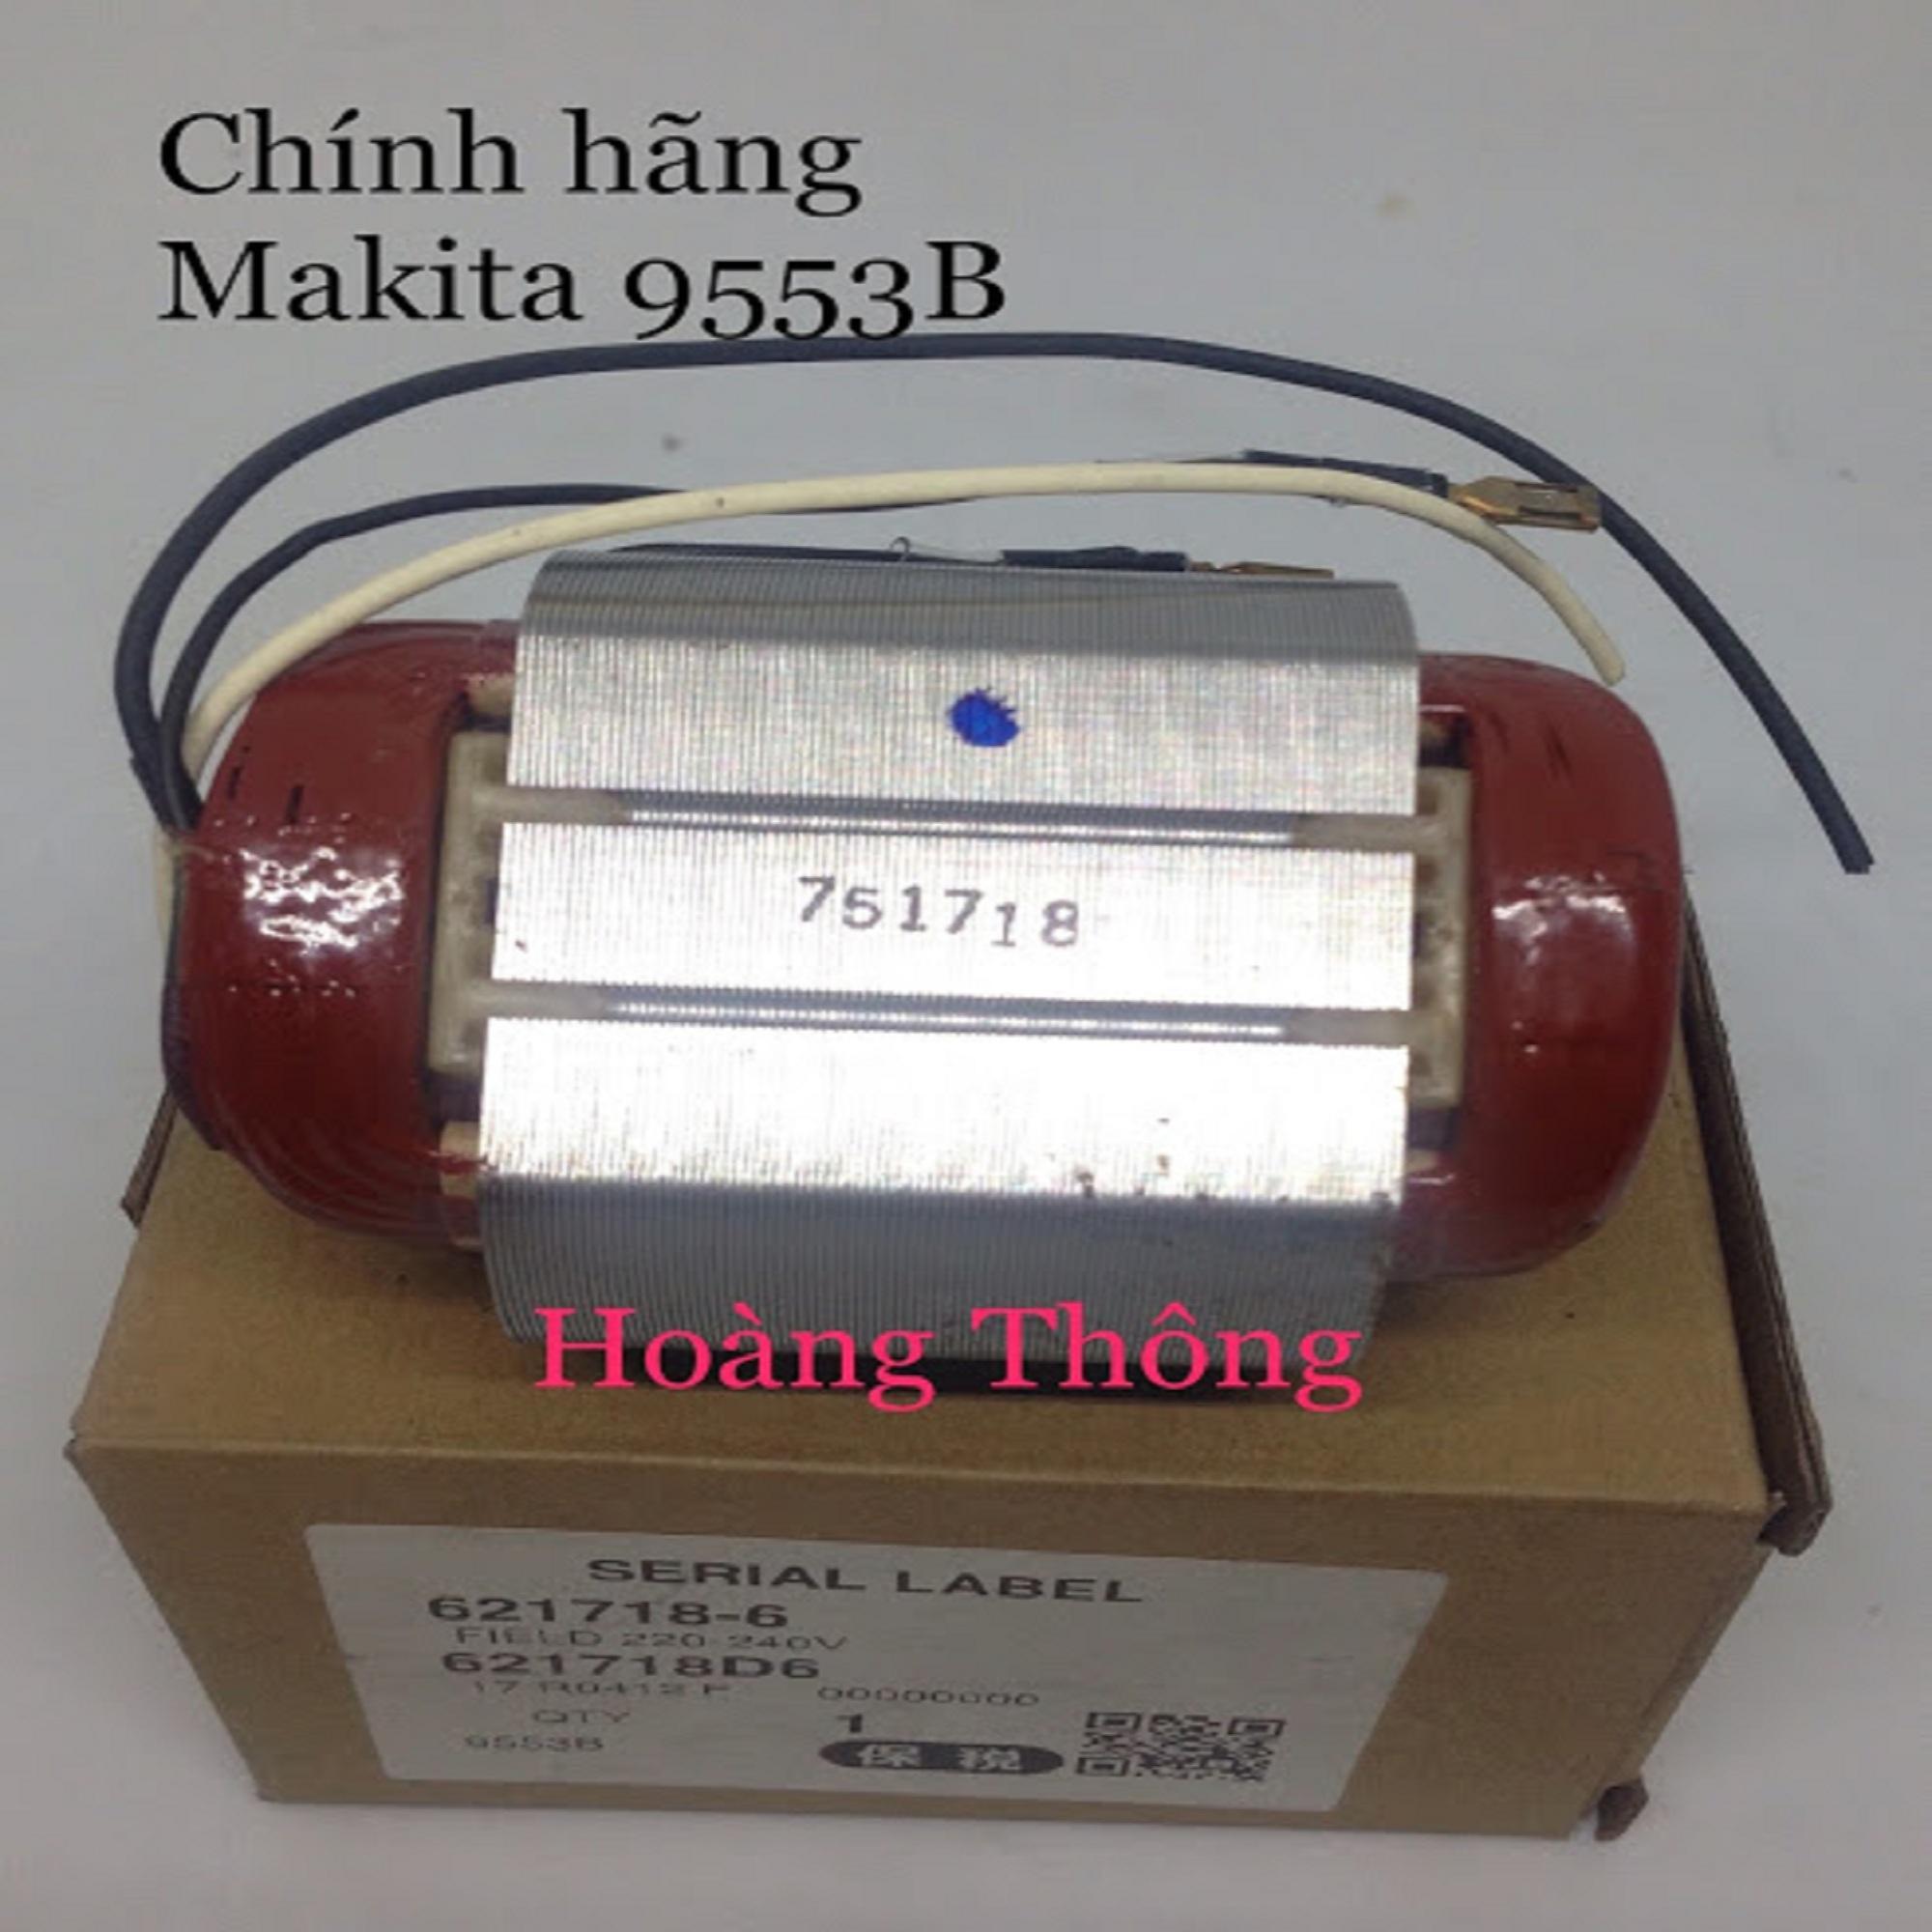 Stato (cuộn dây) máy mài góc 9553B Makita